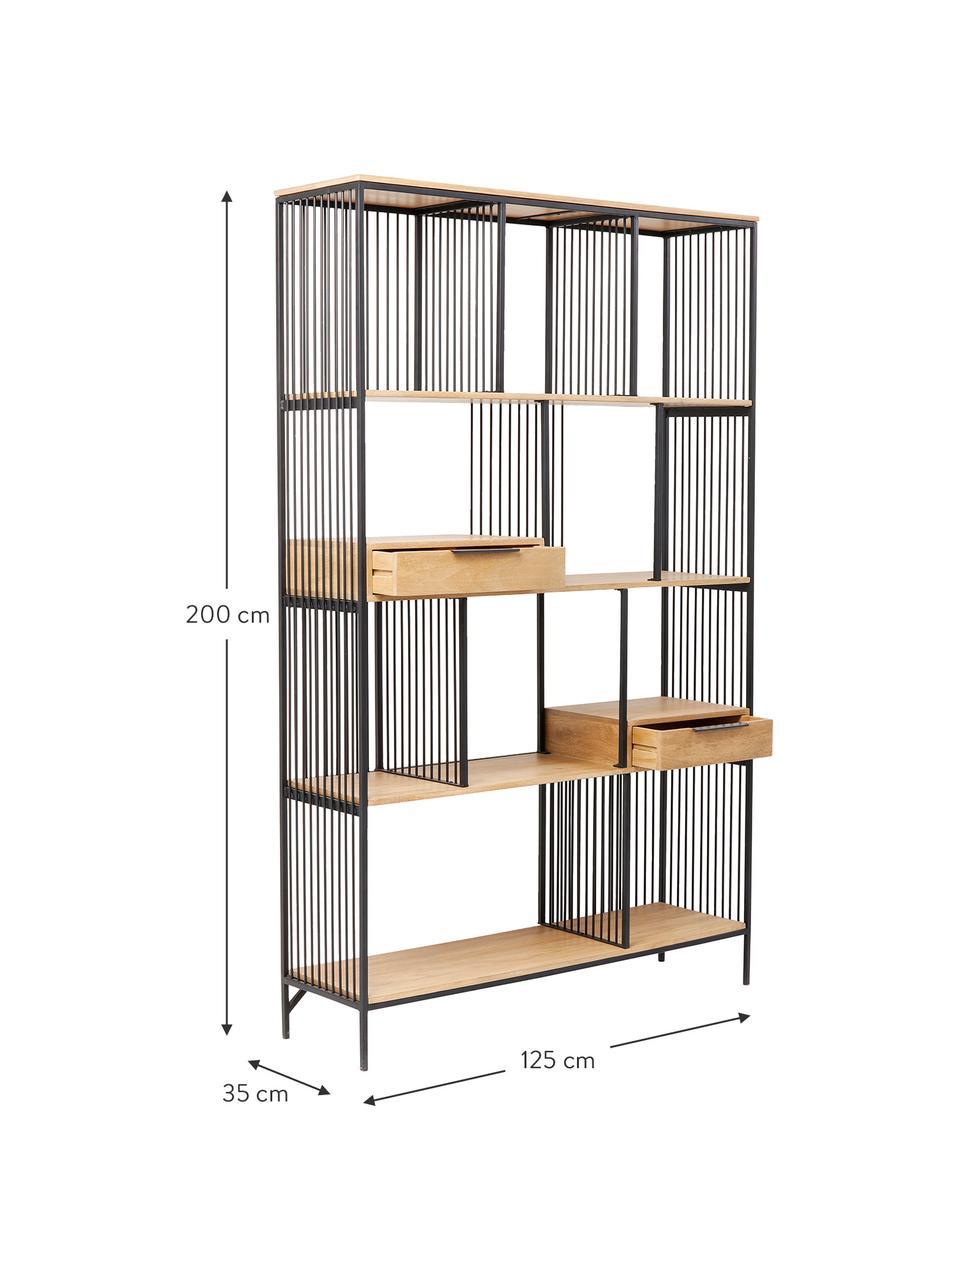 Libreria in legno e metallo Modena, Struttura: metallo verniciato a polv, Nero, Larg. 125 x Alt. 200 cm